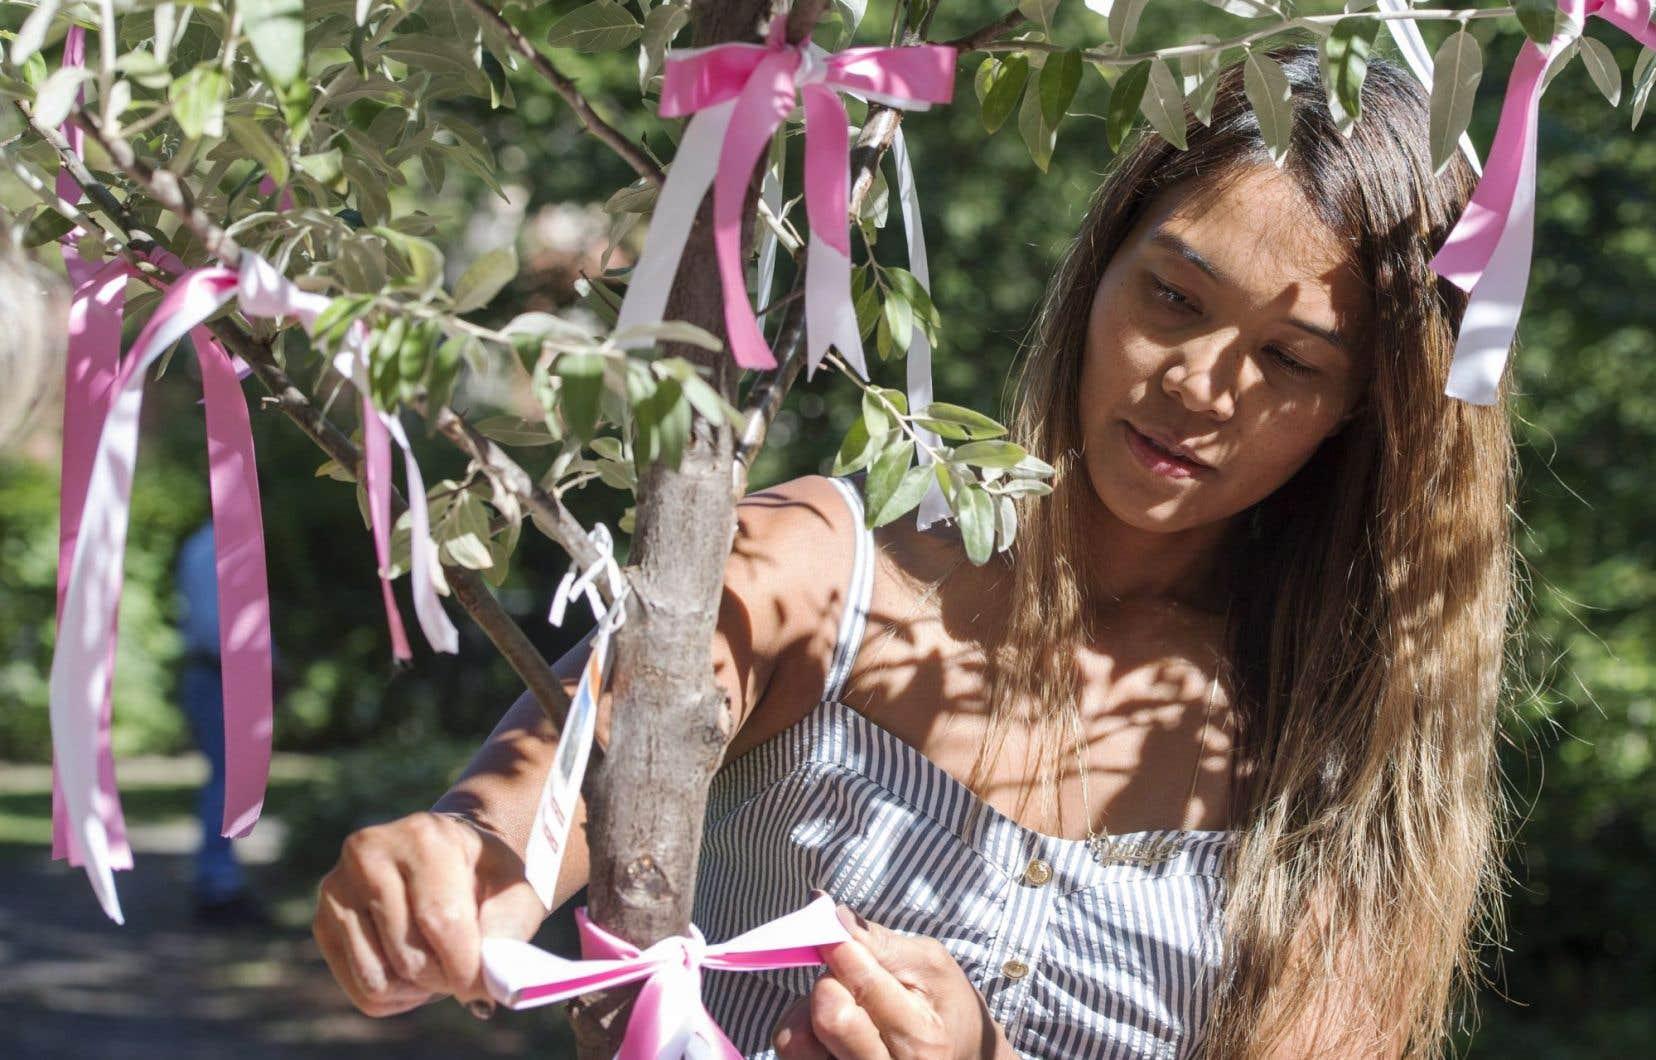 Une cérémonie a eu lieu mardi pour commémorer les 10 ans de la fusillade survenue au collège Dawson et se souvenir de l'étudiante, Anastasia De Sousa, qui y a trouvé la mort sous les balles de Kimveer Gill. Des centaines de personnes étaient rassemblées dans la cour de l'établissement montréalais, près du Jardin de la paix où se trouve l'arbre d'Anastasia (en photo). Plusieurs y ont attaché un ruban en signe de paix.